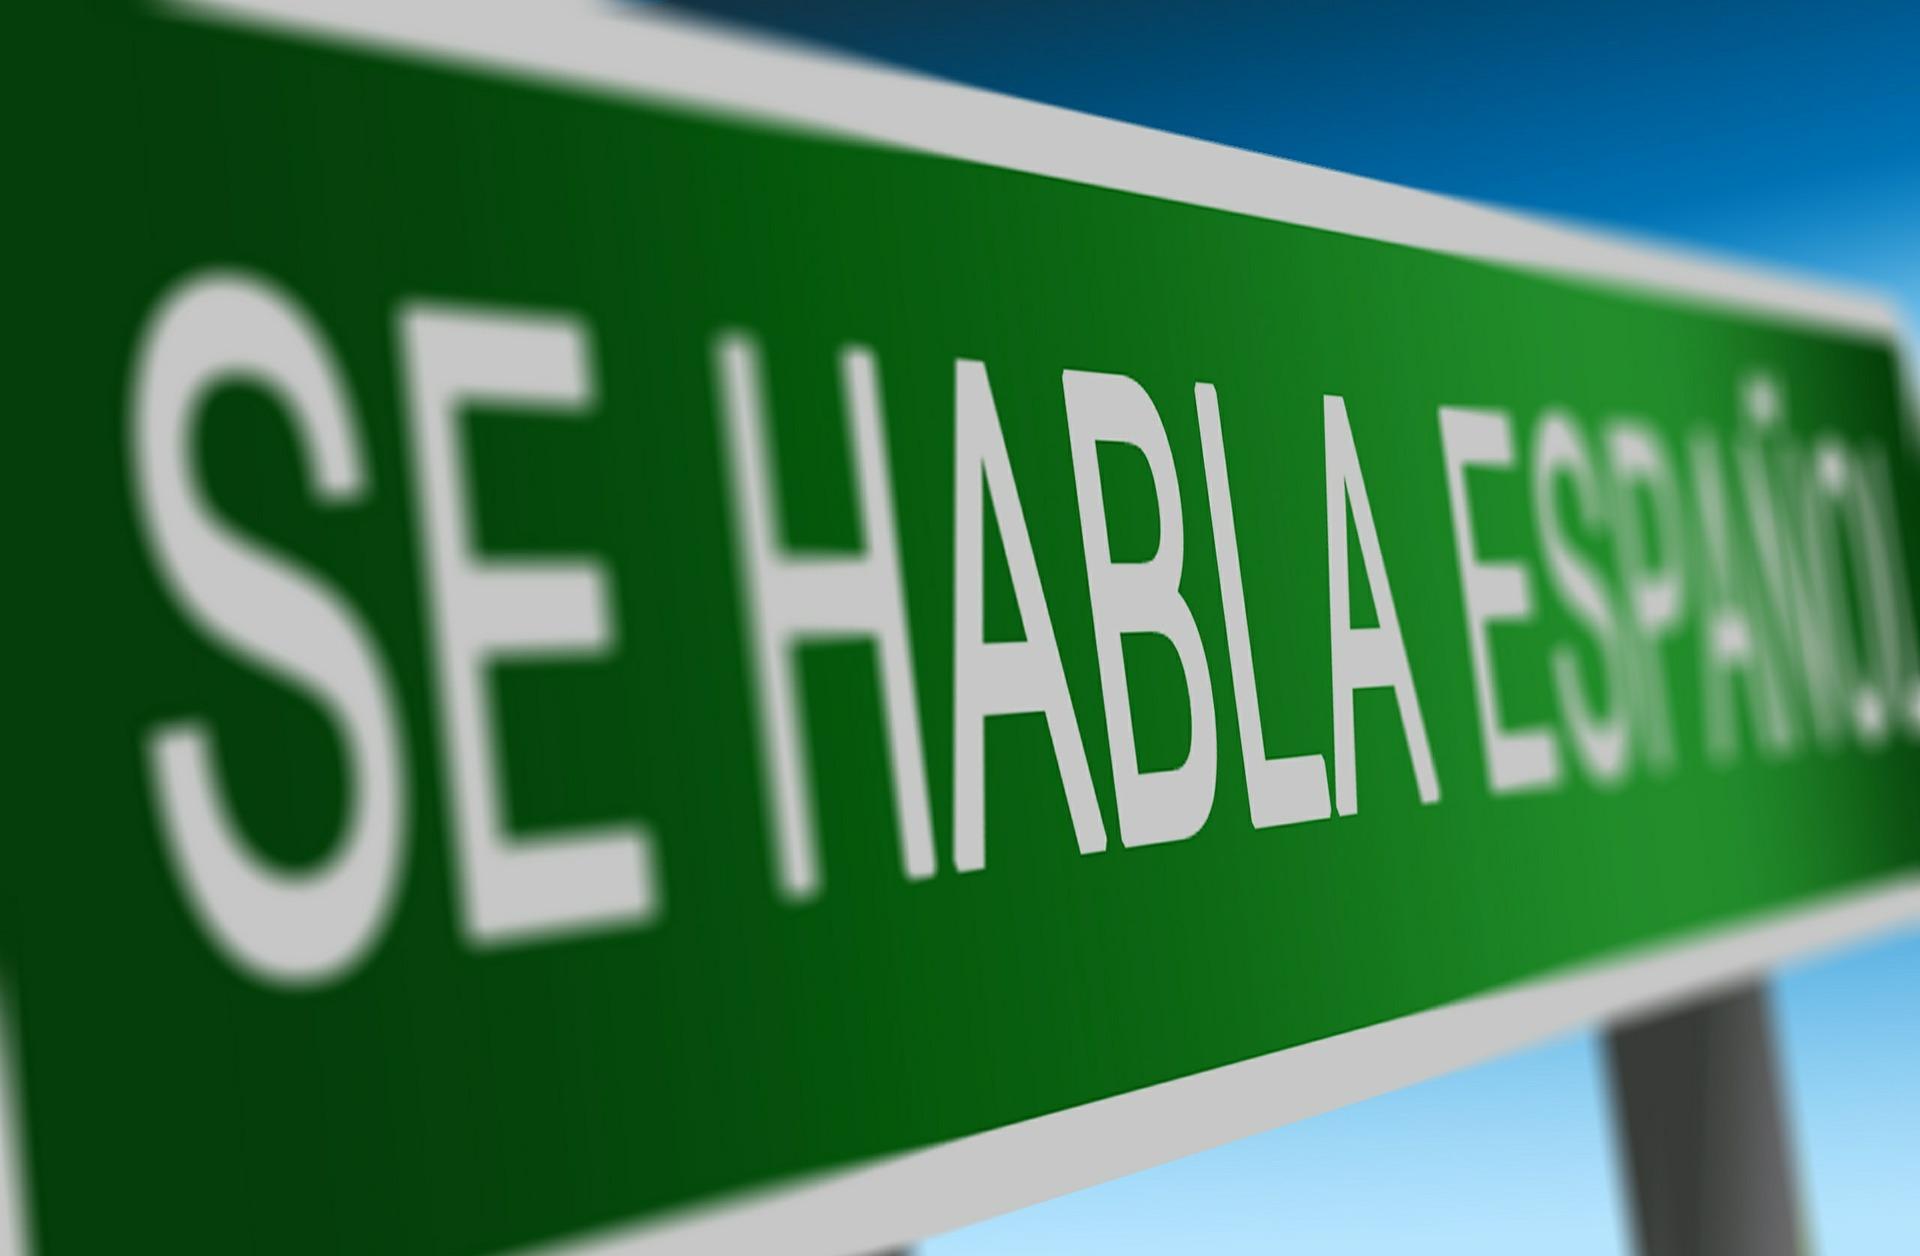 A Spanish language sign saying 'Se habla Espanol' (English translation: 'Spanish speaking').